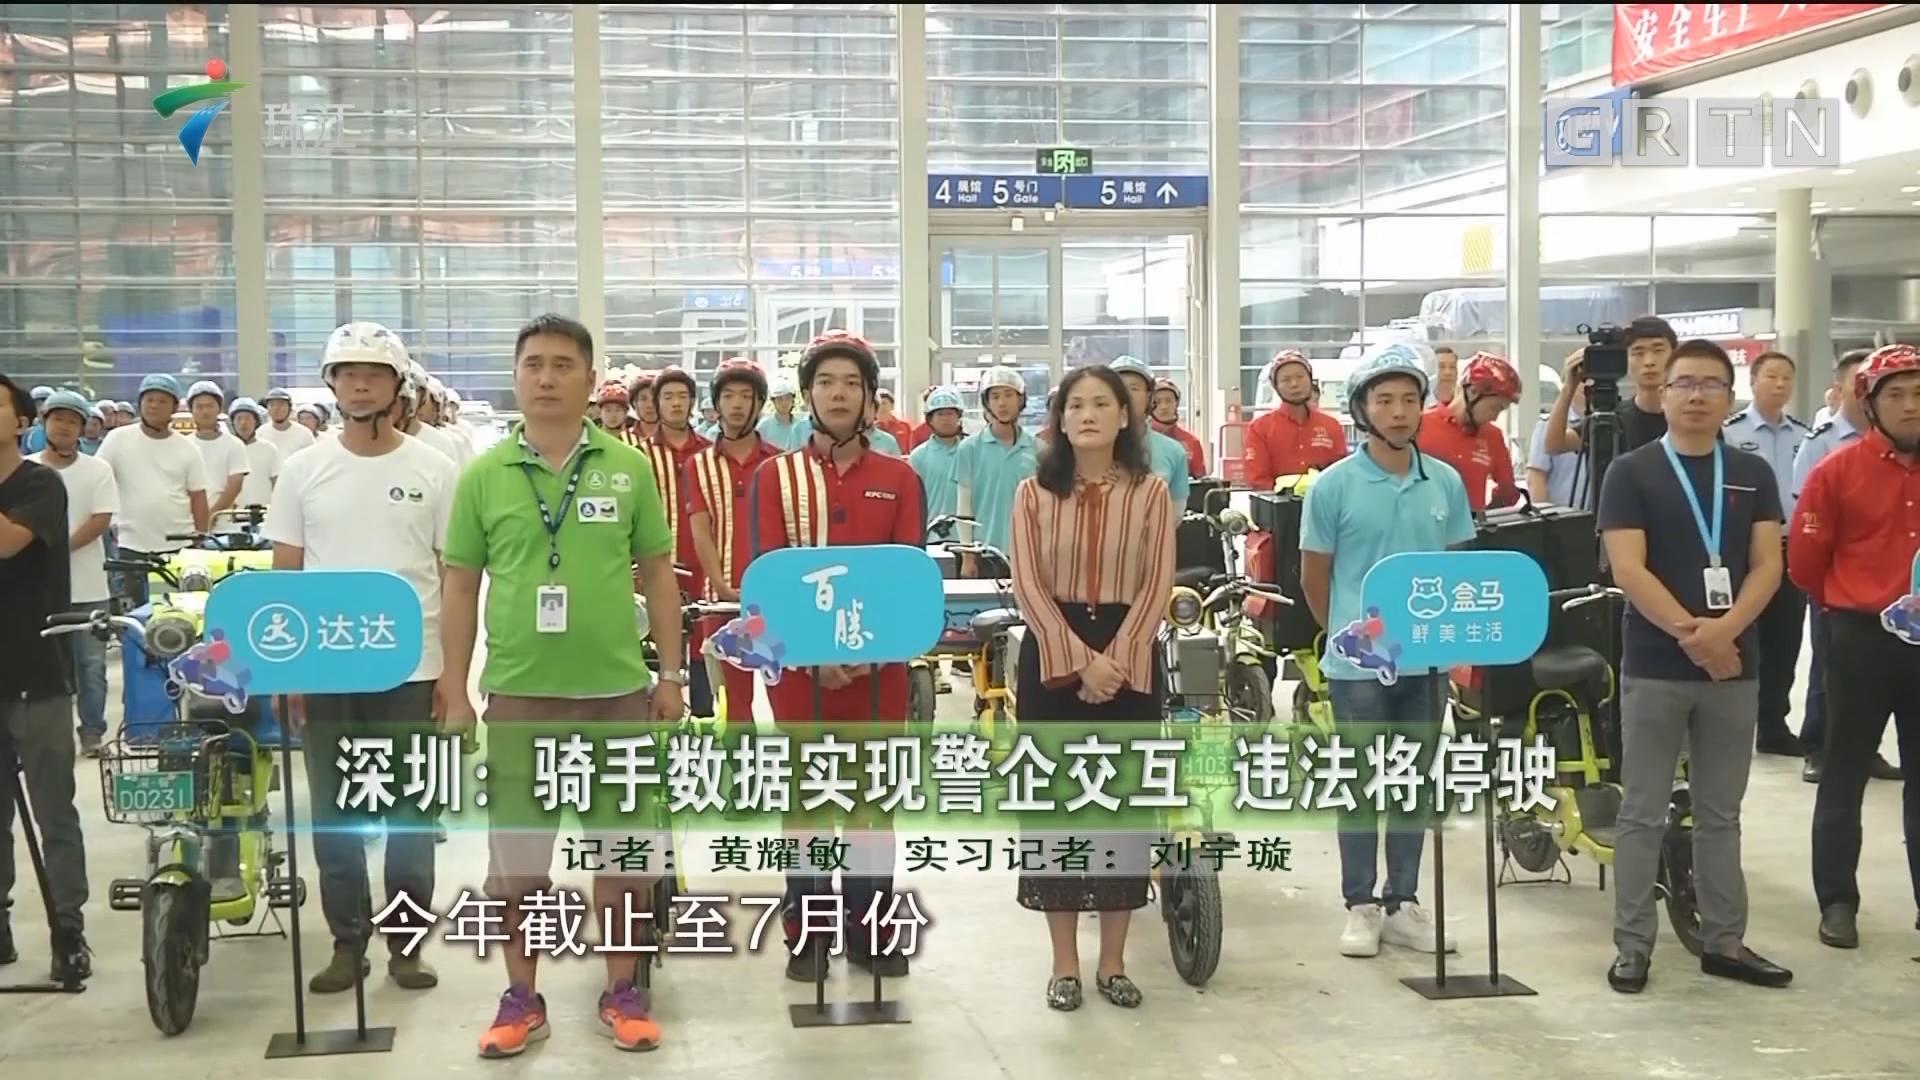 深圳:骑手数据实现警企交互 违法将停驶